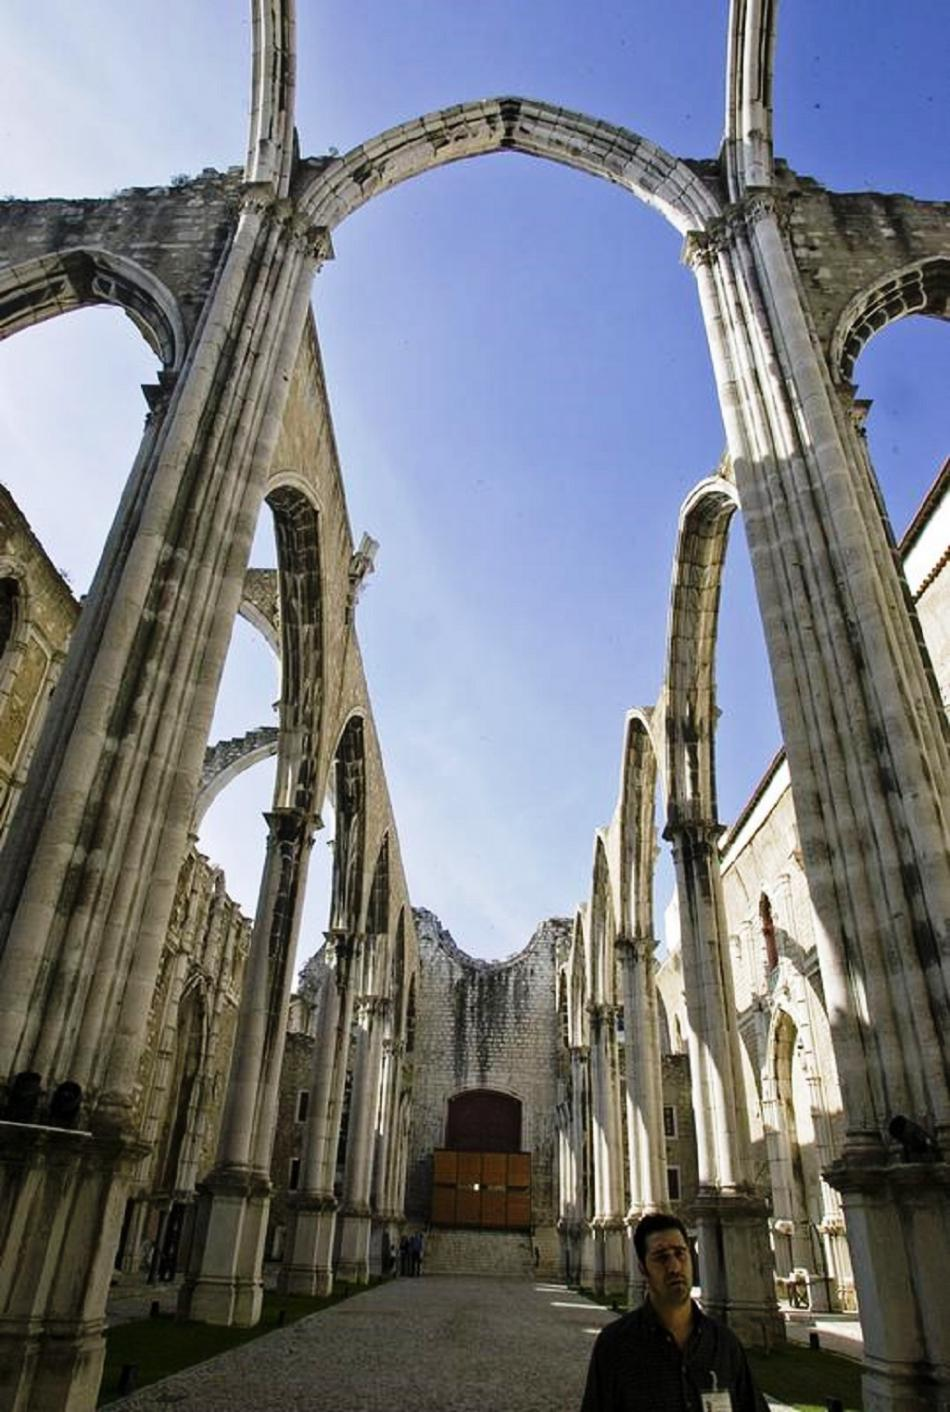 Zbytky kláštera Convento do Carmo zničeného při zemětřesení